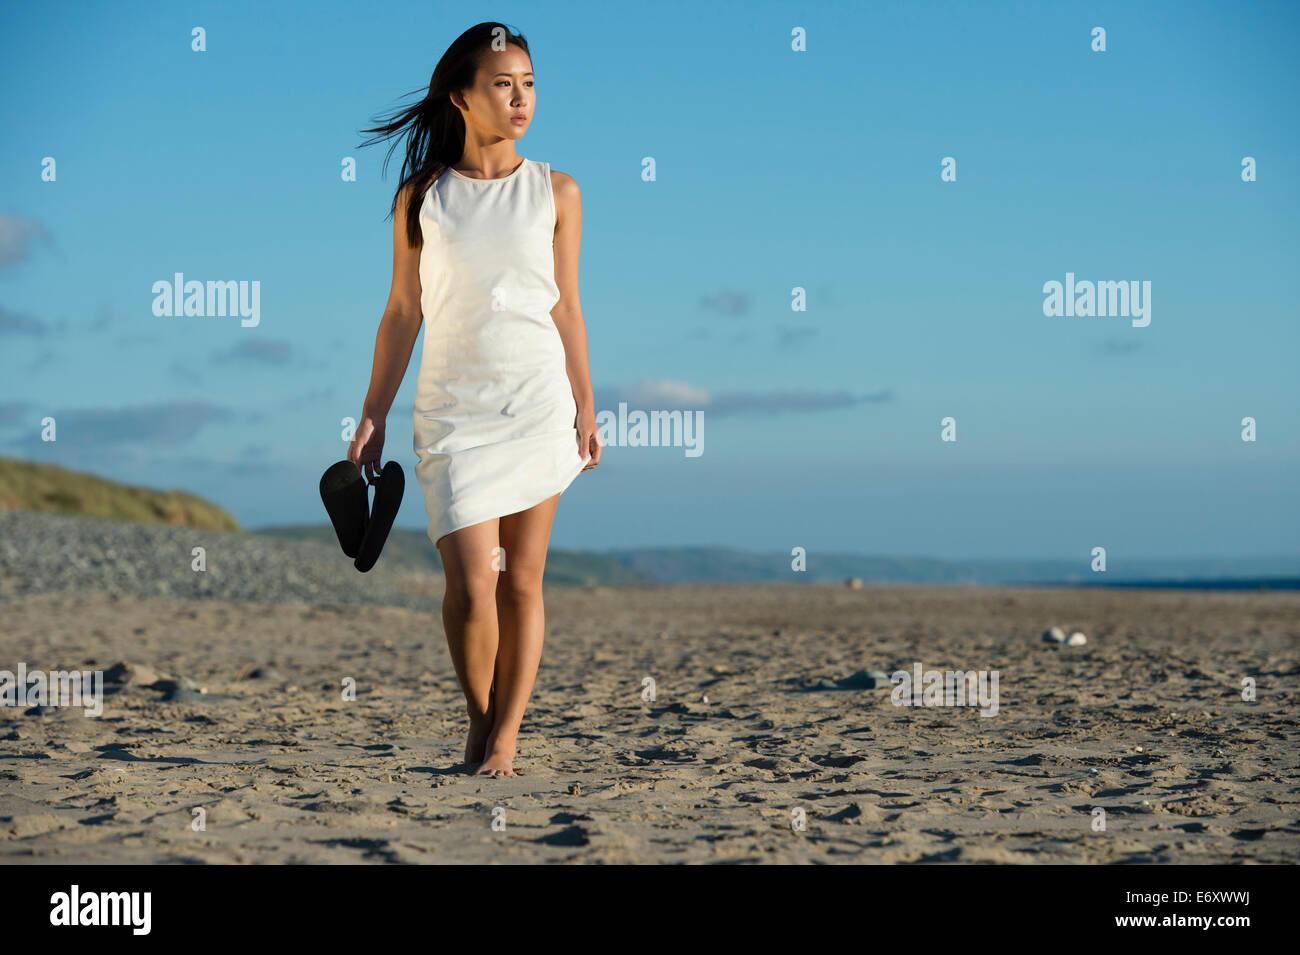 Un jeune chinois asiatique ethnique femme fille vêtue d'une robe blanche tenant ses chaussures marcher seule le long d'une plage de sable fin de l'été UK Banque D'Images